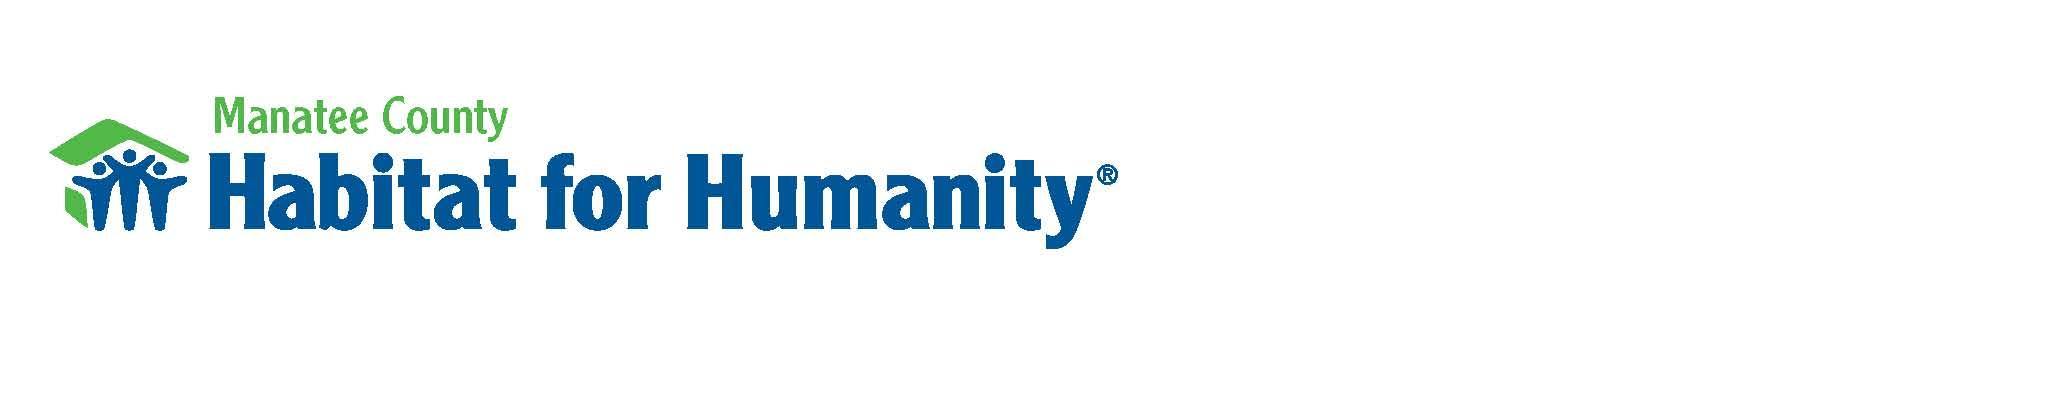 Manatee County Habitat for Humanity company logo